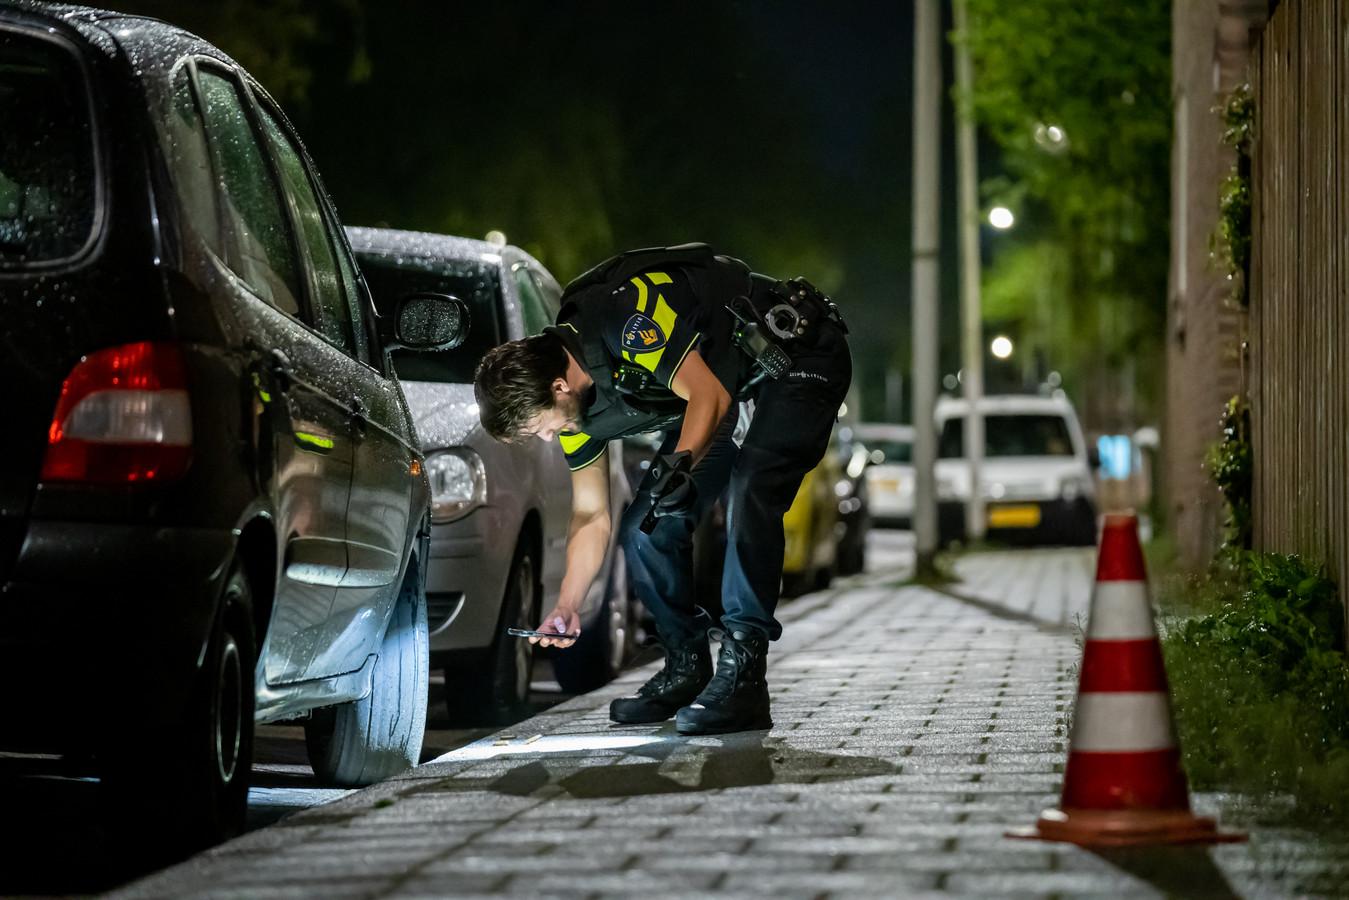 De politie trof hulzen aan op straat.